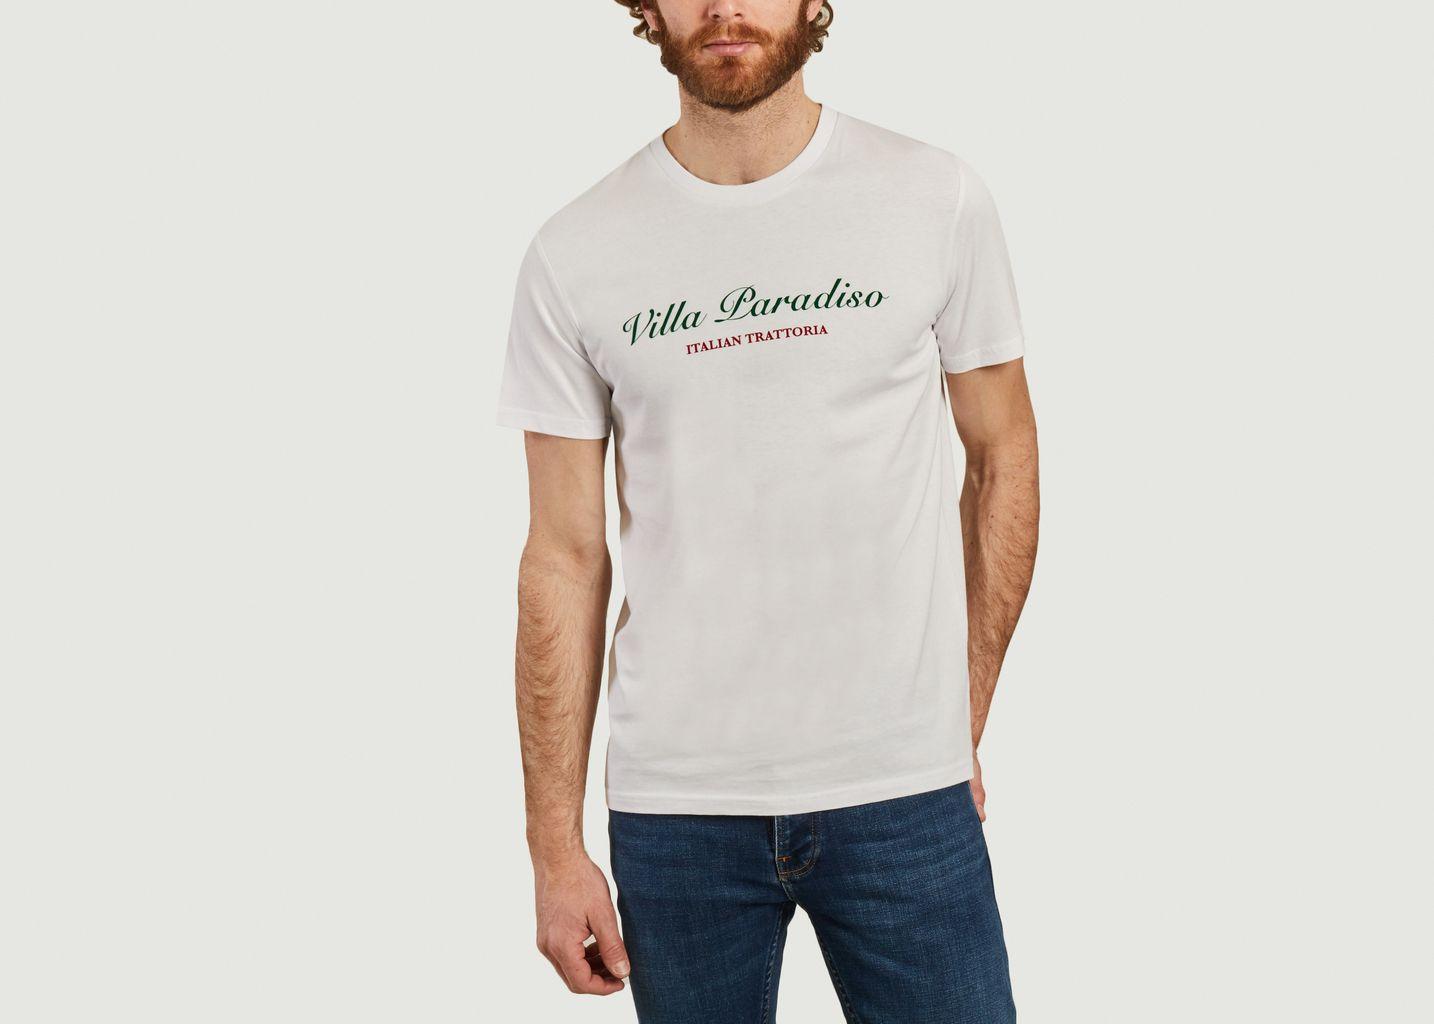 T-shirt Villa Paradiso - Harmony